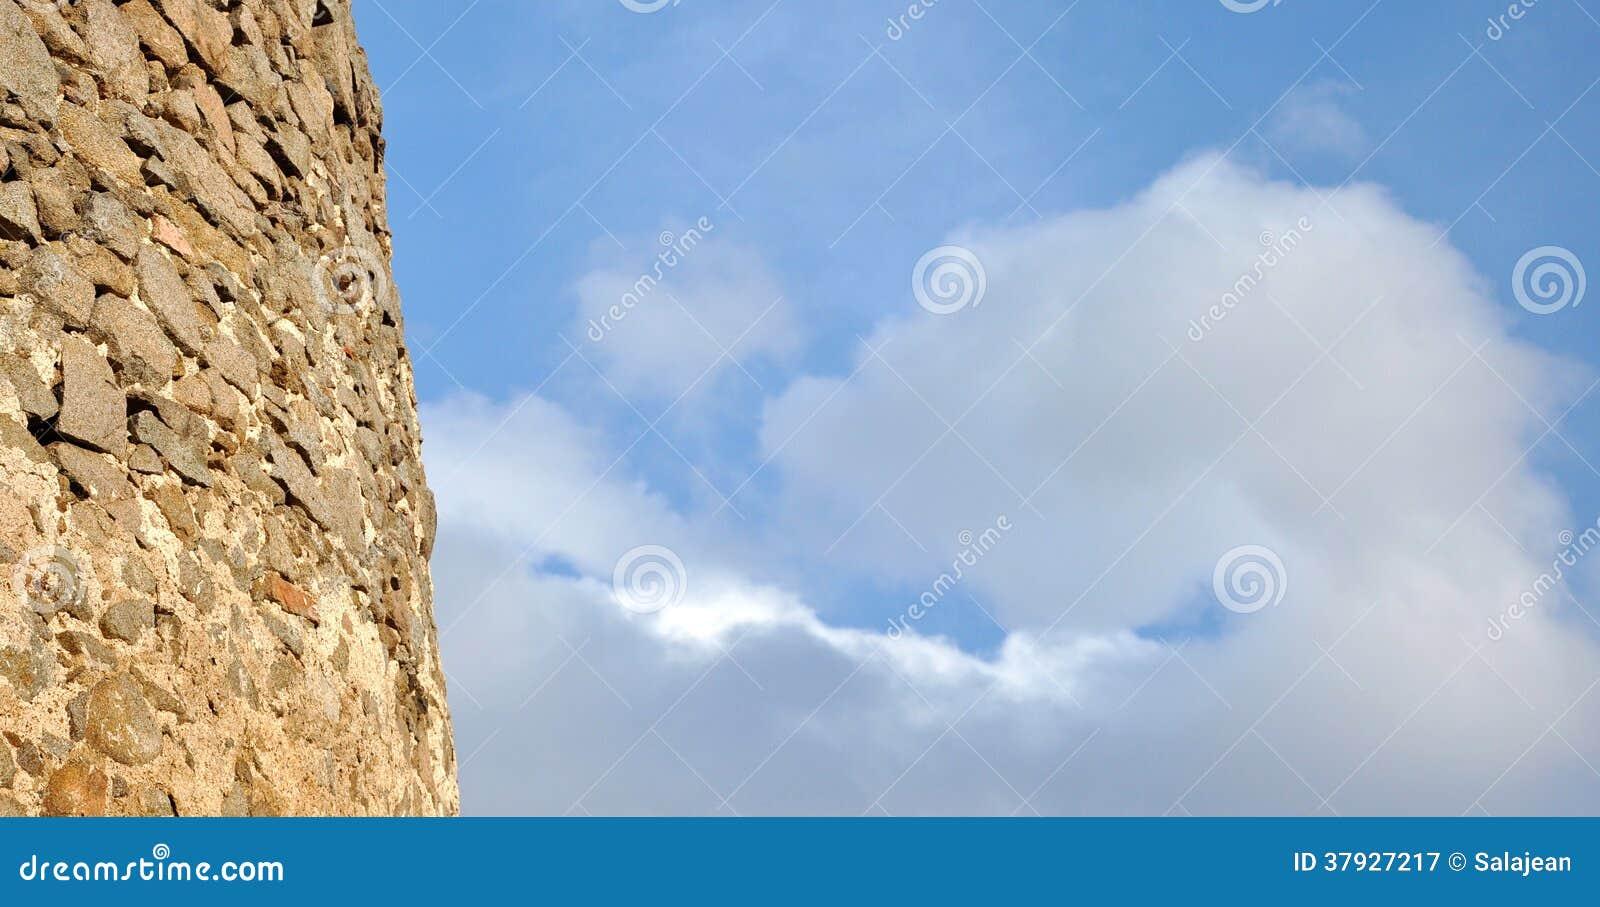 Предпосылка с голубым небом и деталью крепости